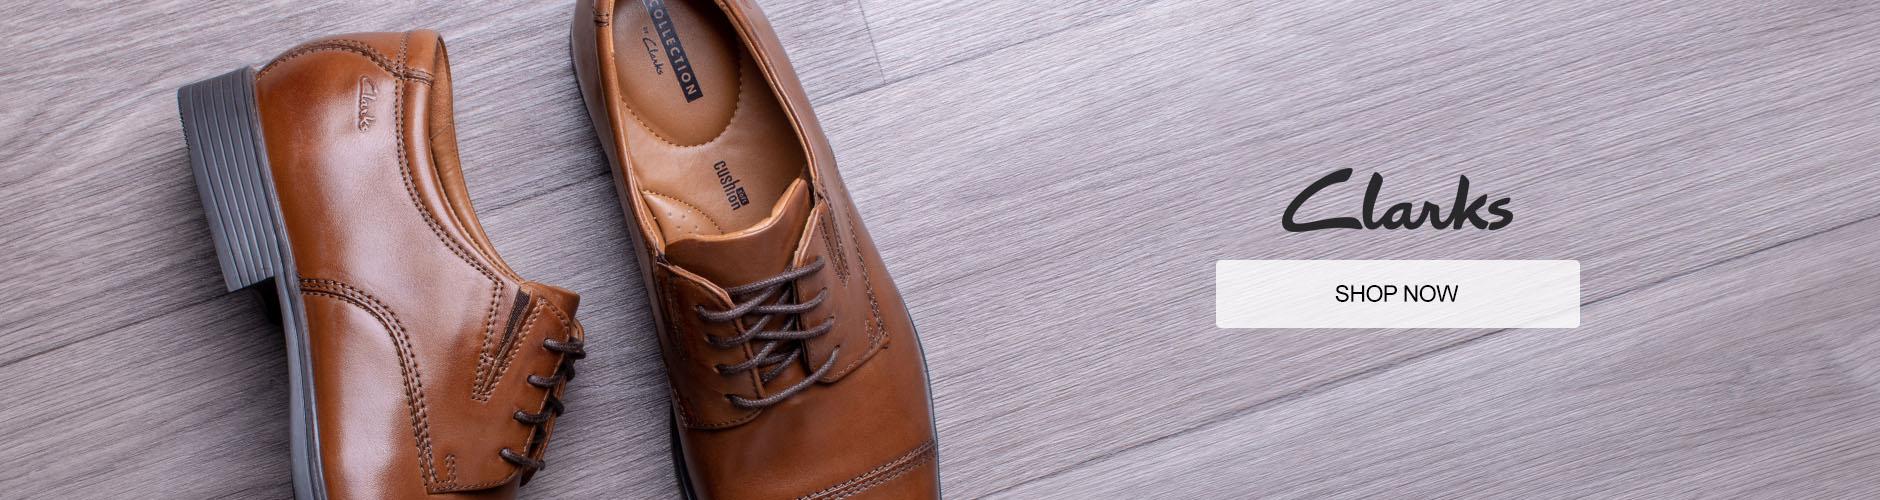 Mens Clarks Shoes Shop Now